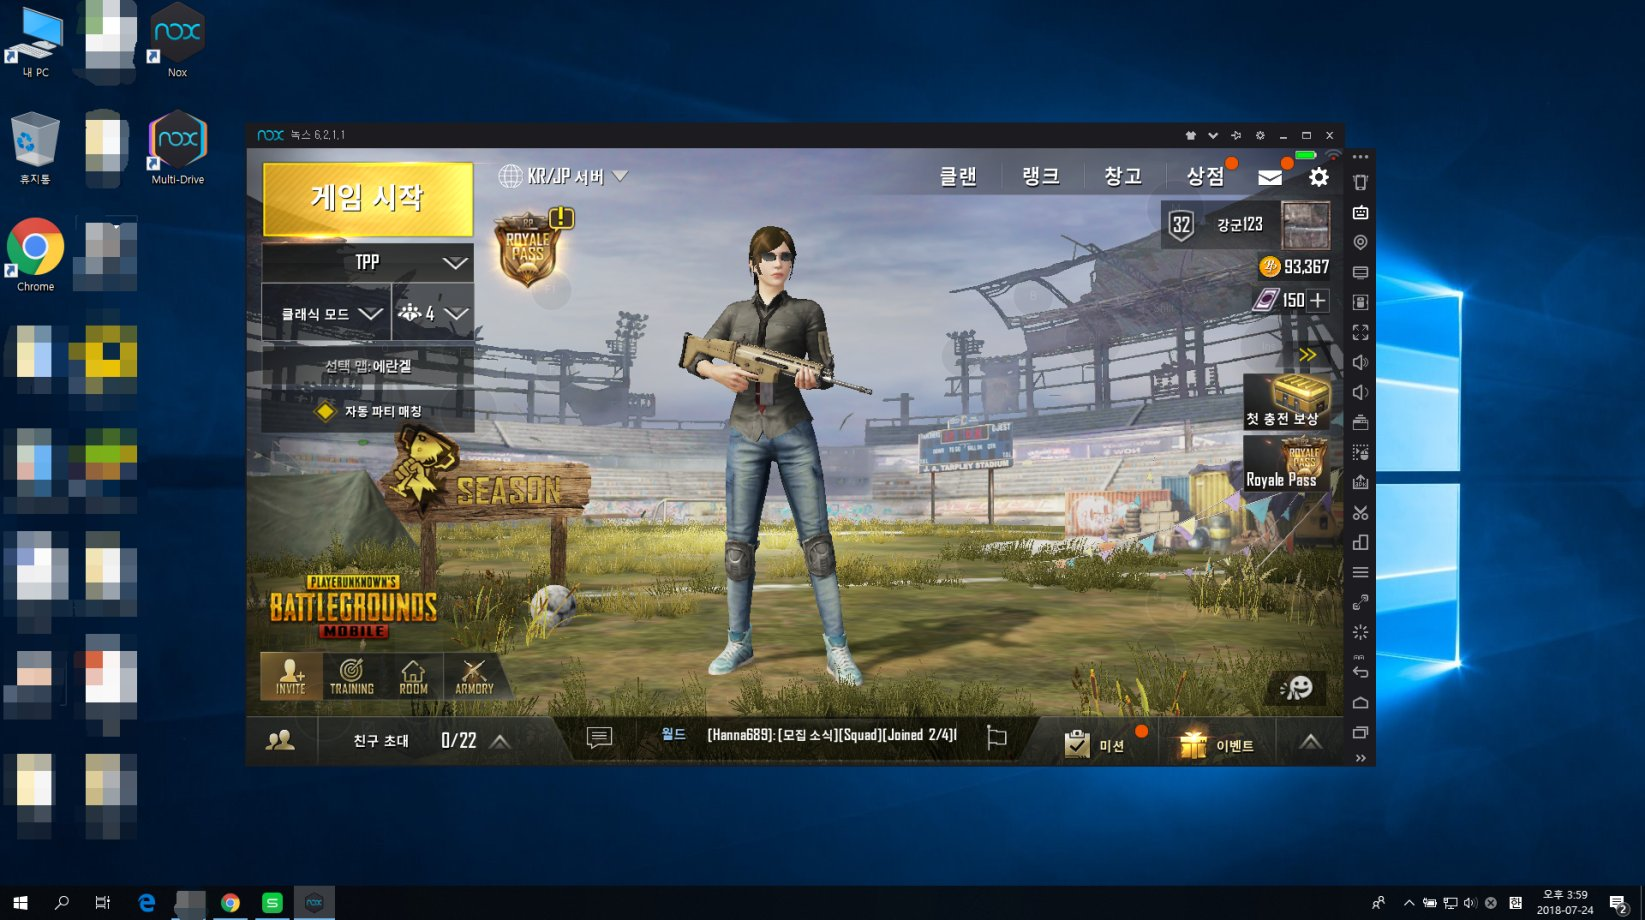 上位ユーザーはモバイルゲームのプレイのために「NOX」や「MOMO Player」など、PCでAndroidのアプリを起動できるエミュレーターをよく使っており、エミュレーターのユーザー対象に広告を出すゲームメーカーも存在する。つまり、Androidエミュレーターは業界的に半ば公認状態にある